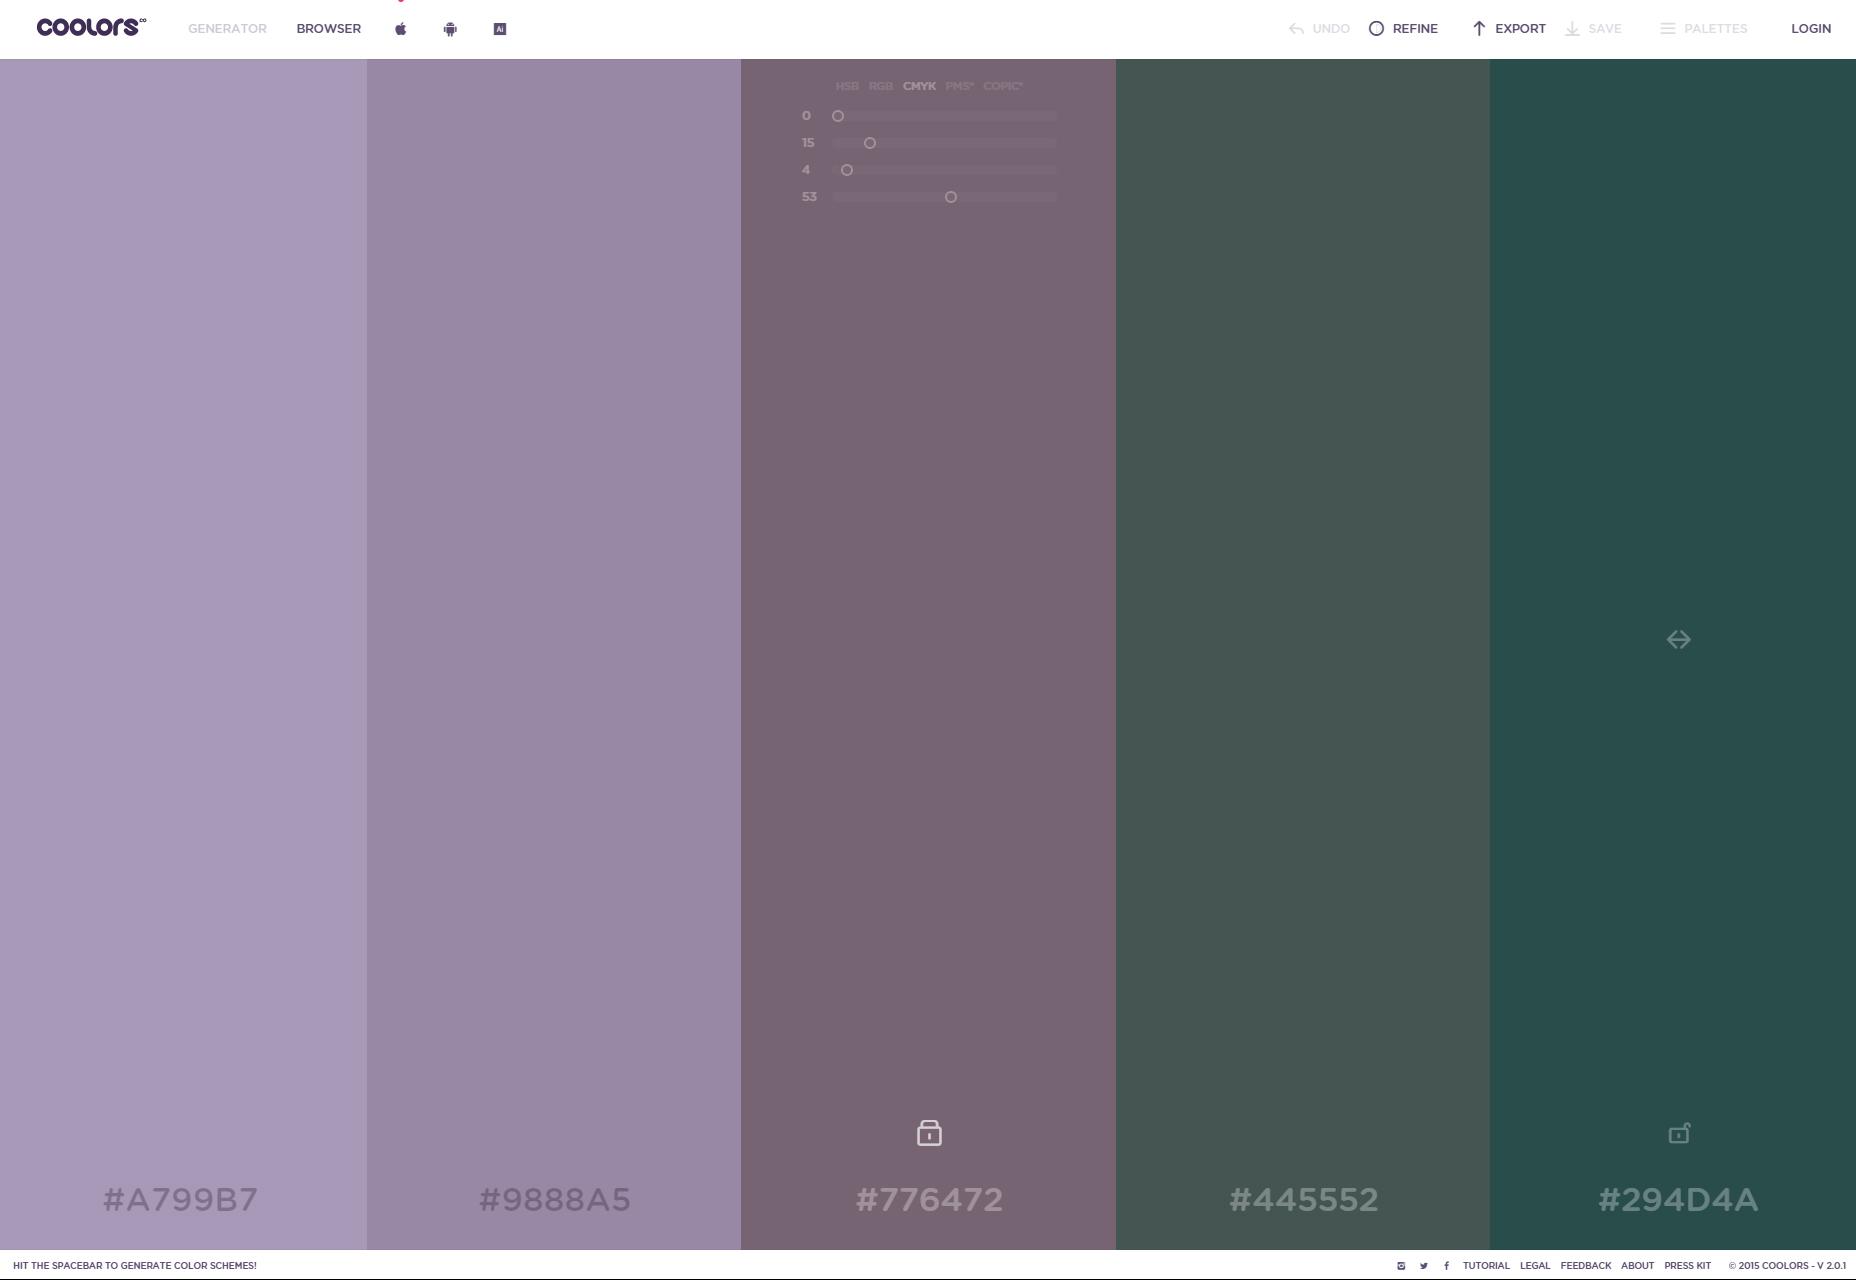 Buy wallpaper online cheap australia Sample Essays 1856x1280